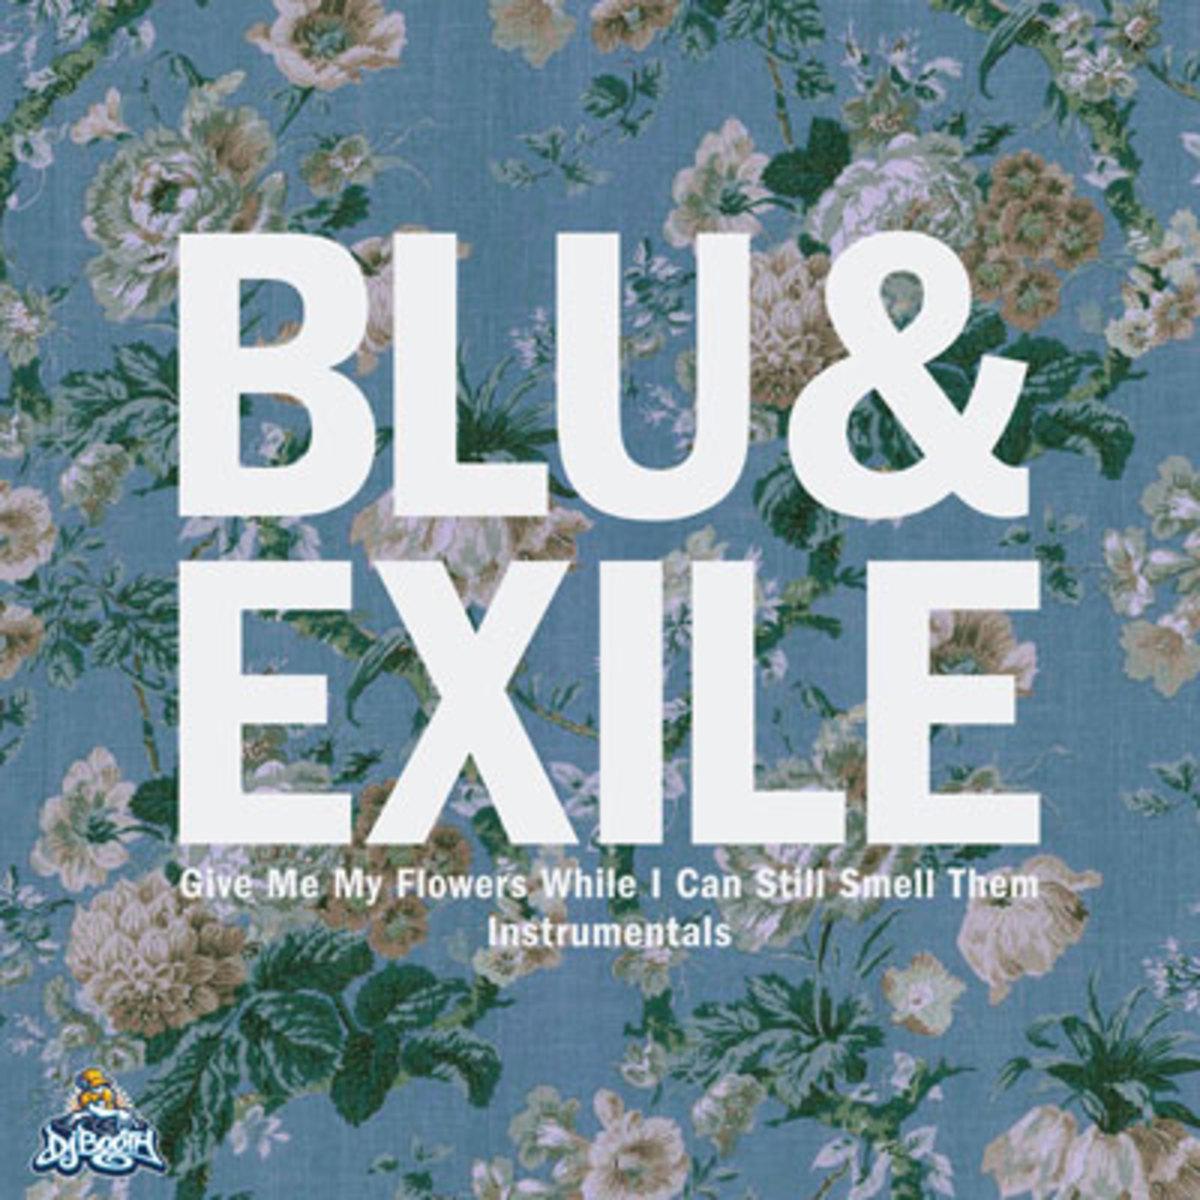 blu-exile-instrumentals.jpg